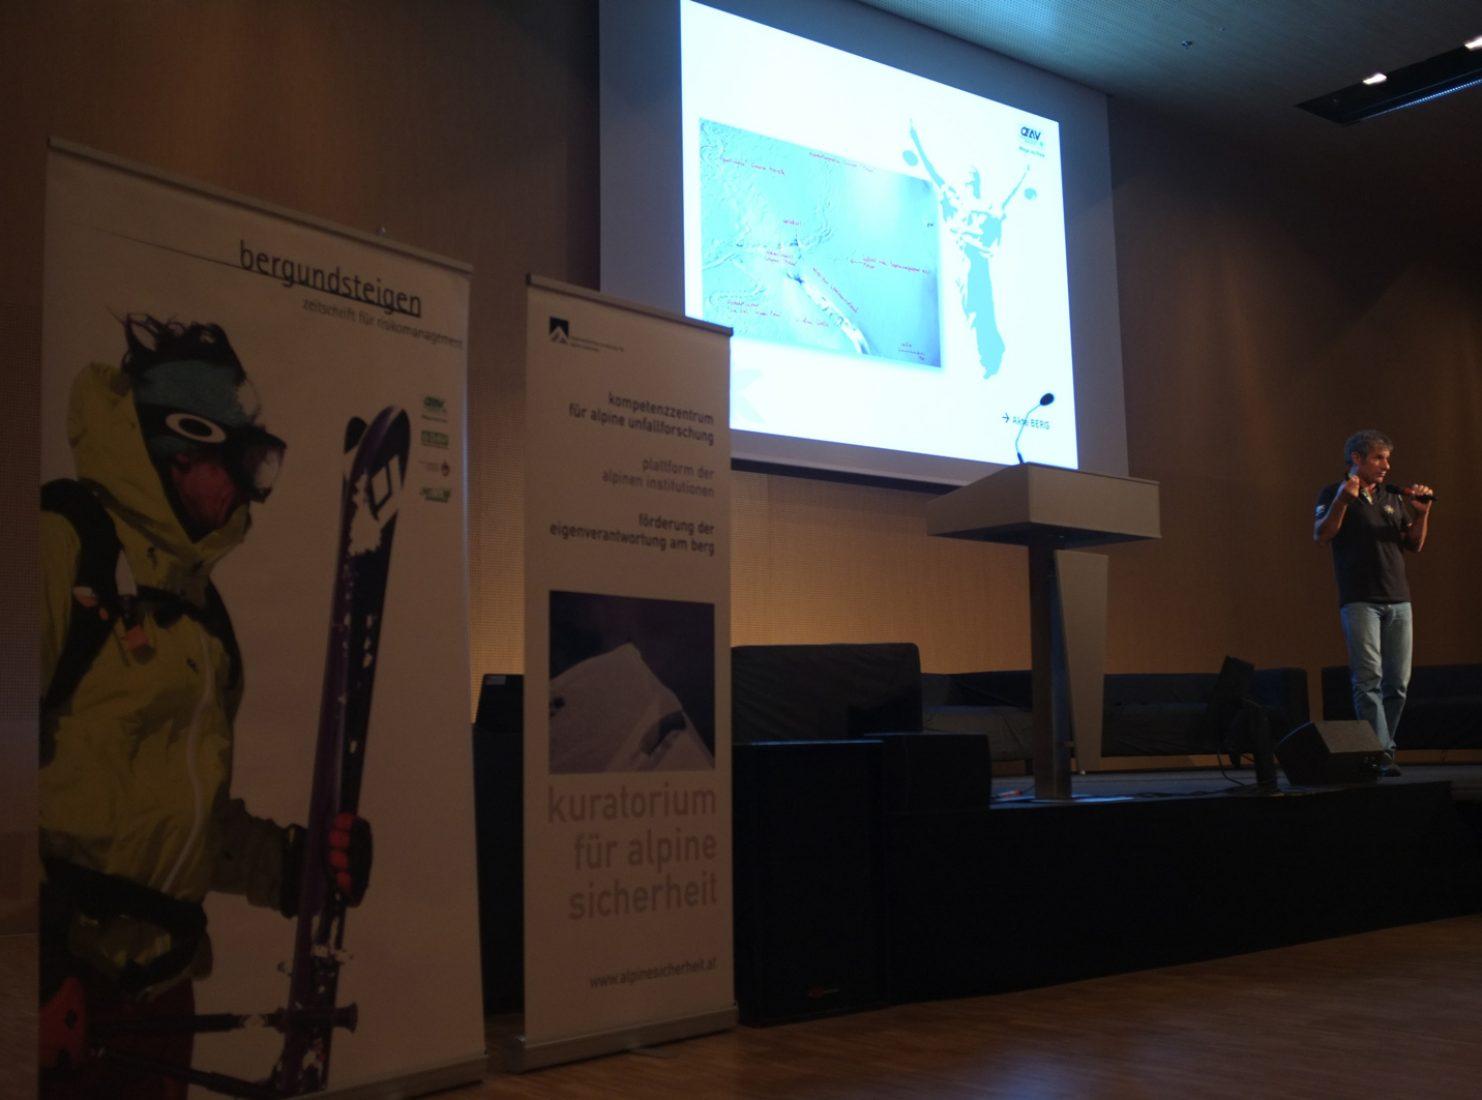 Michael Larcher als Vortragender beim Alpinforum 2012, einer Veranstaltung die eng mit bergundsteigen verknüpft ist.